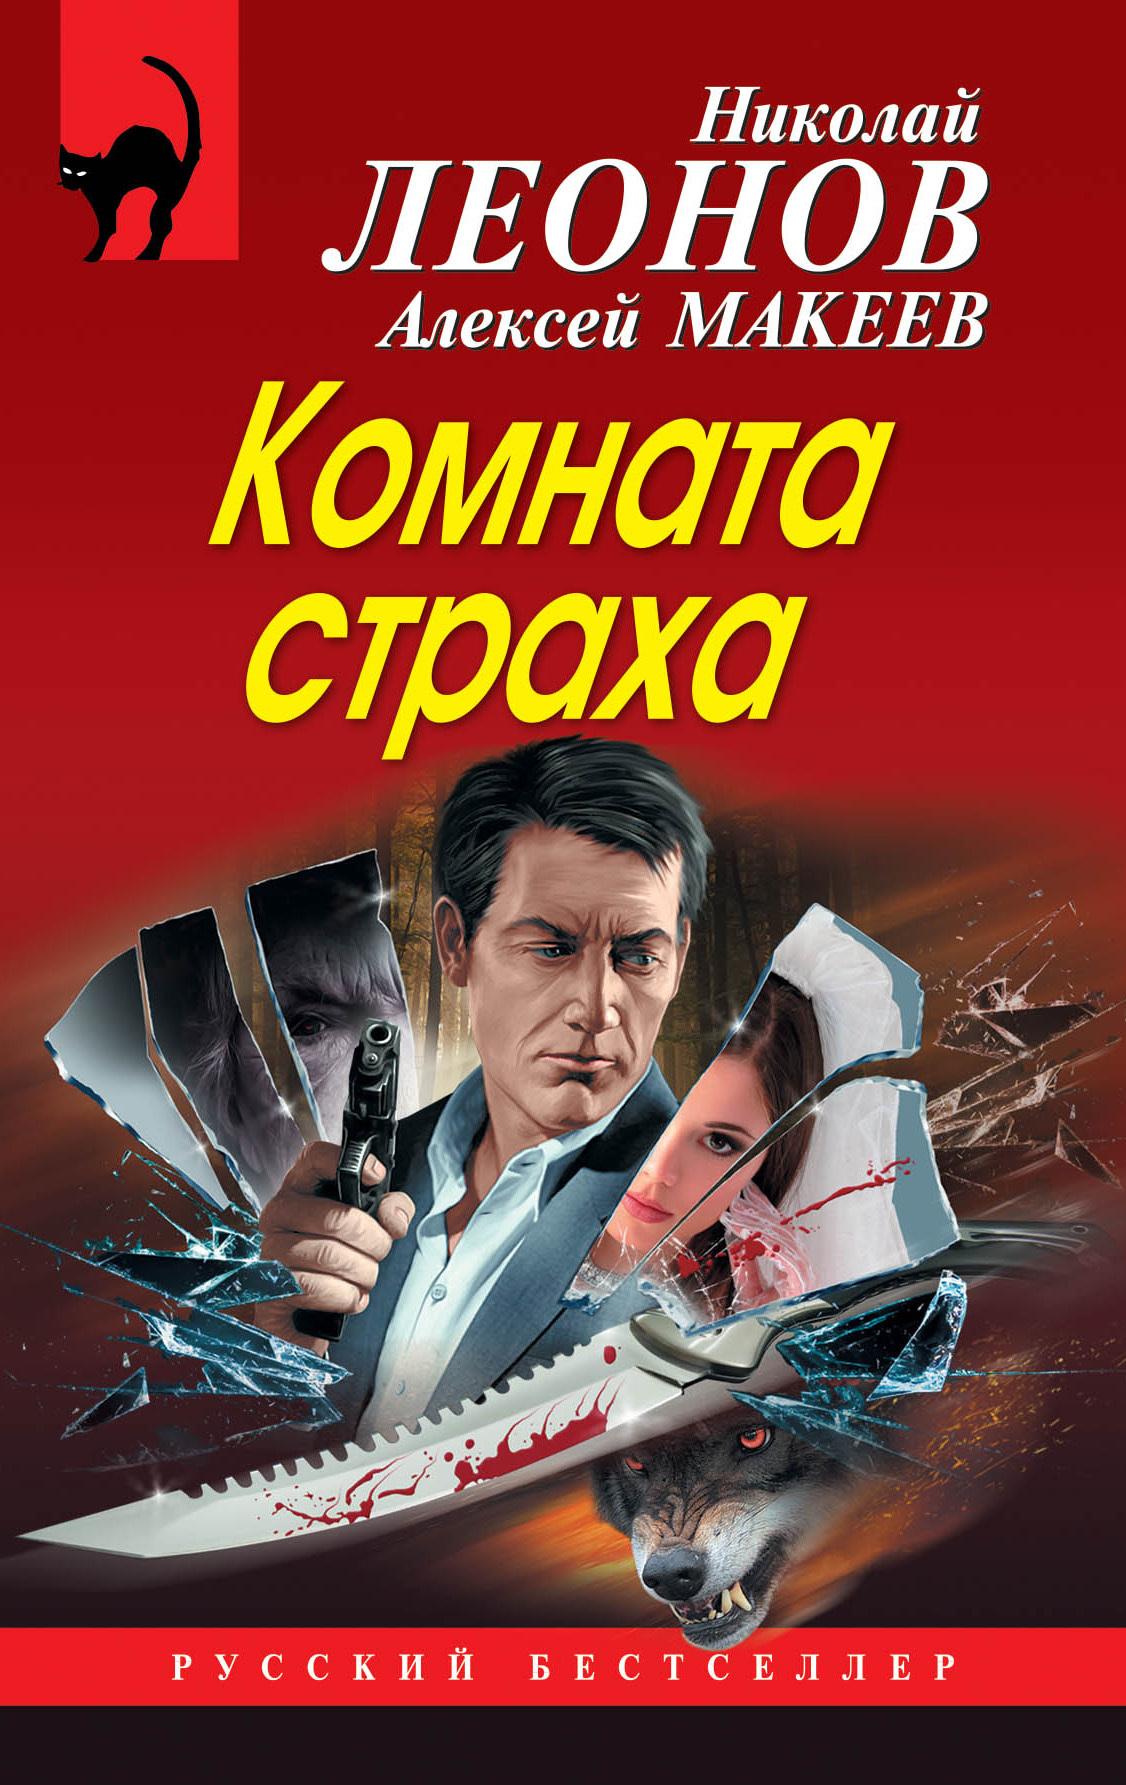 Николай Леонов, Алексей Макеев - Комната страха (сборник)